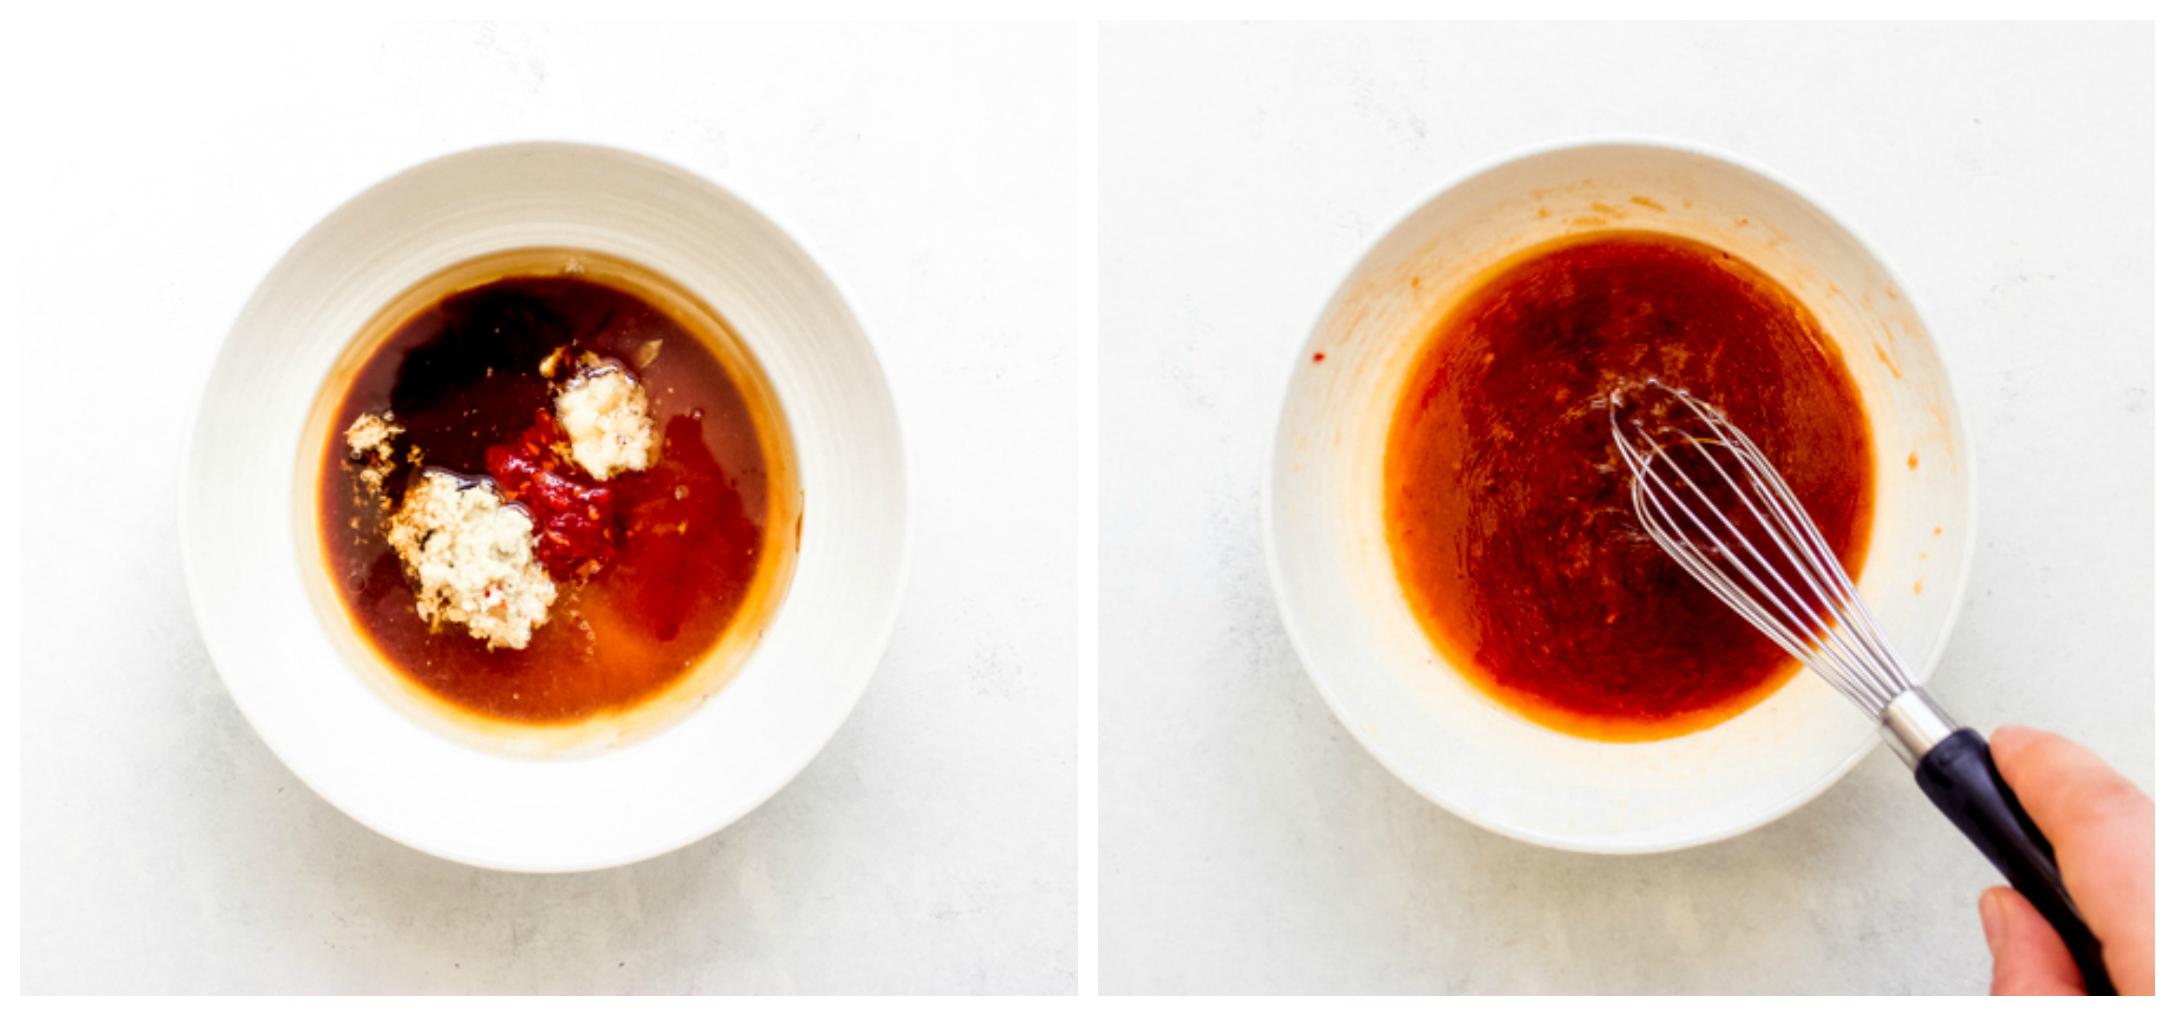 chili garlic dressing in a bowl